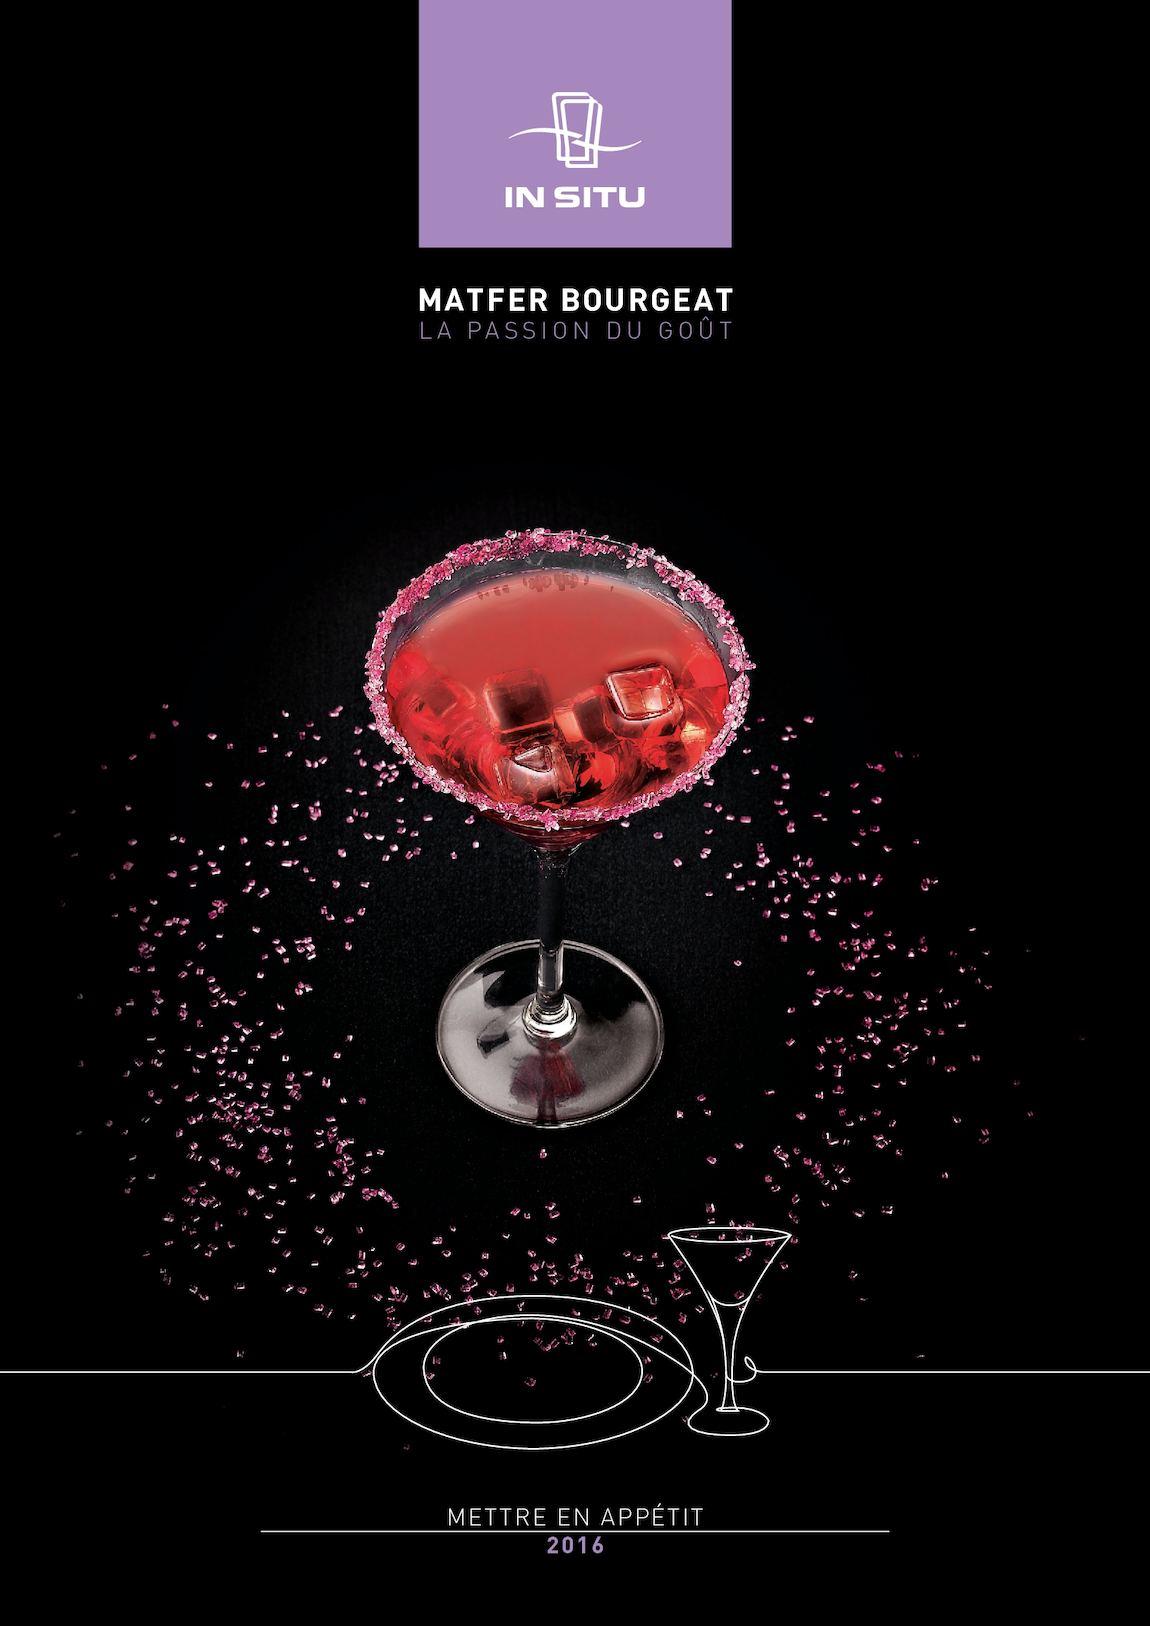 Tapis De Bar Caoutchouc Egouttoir Mat Cocktails Barman Verre Café Bière  11 x 23